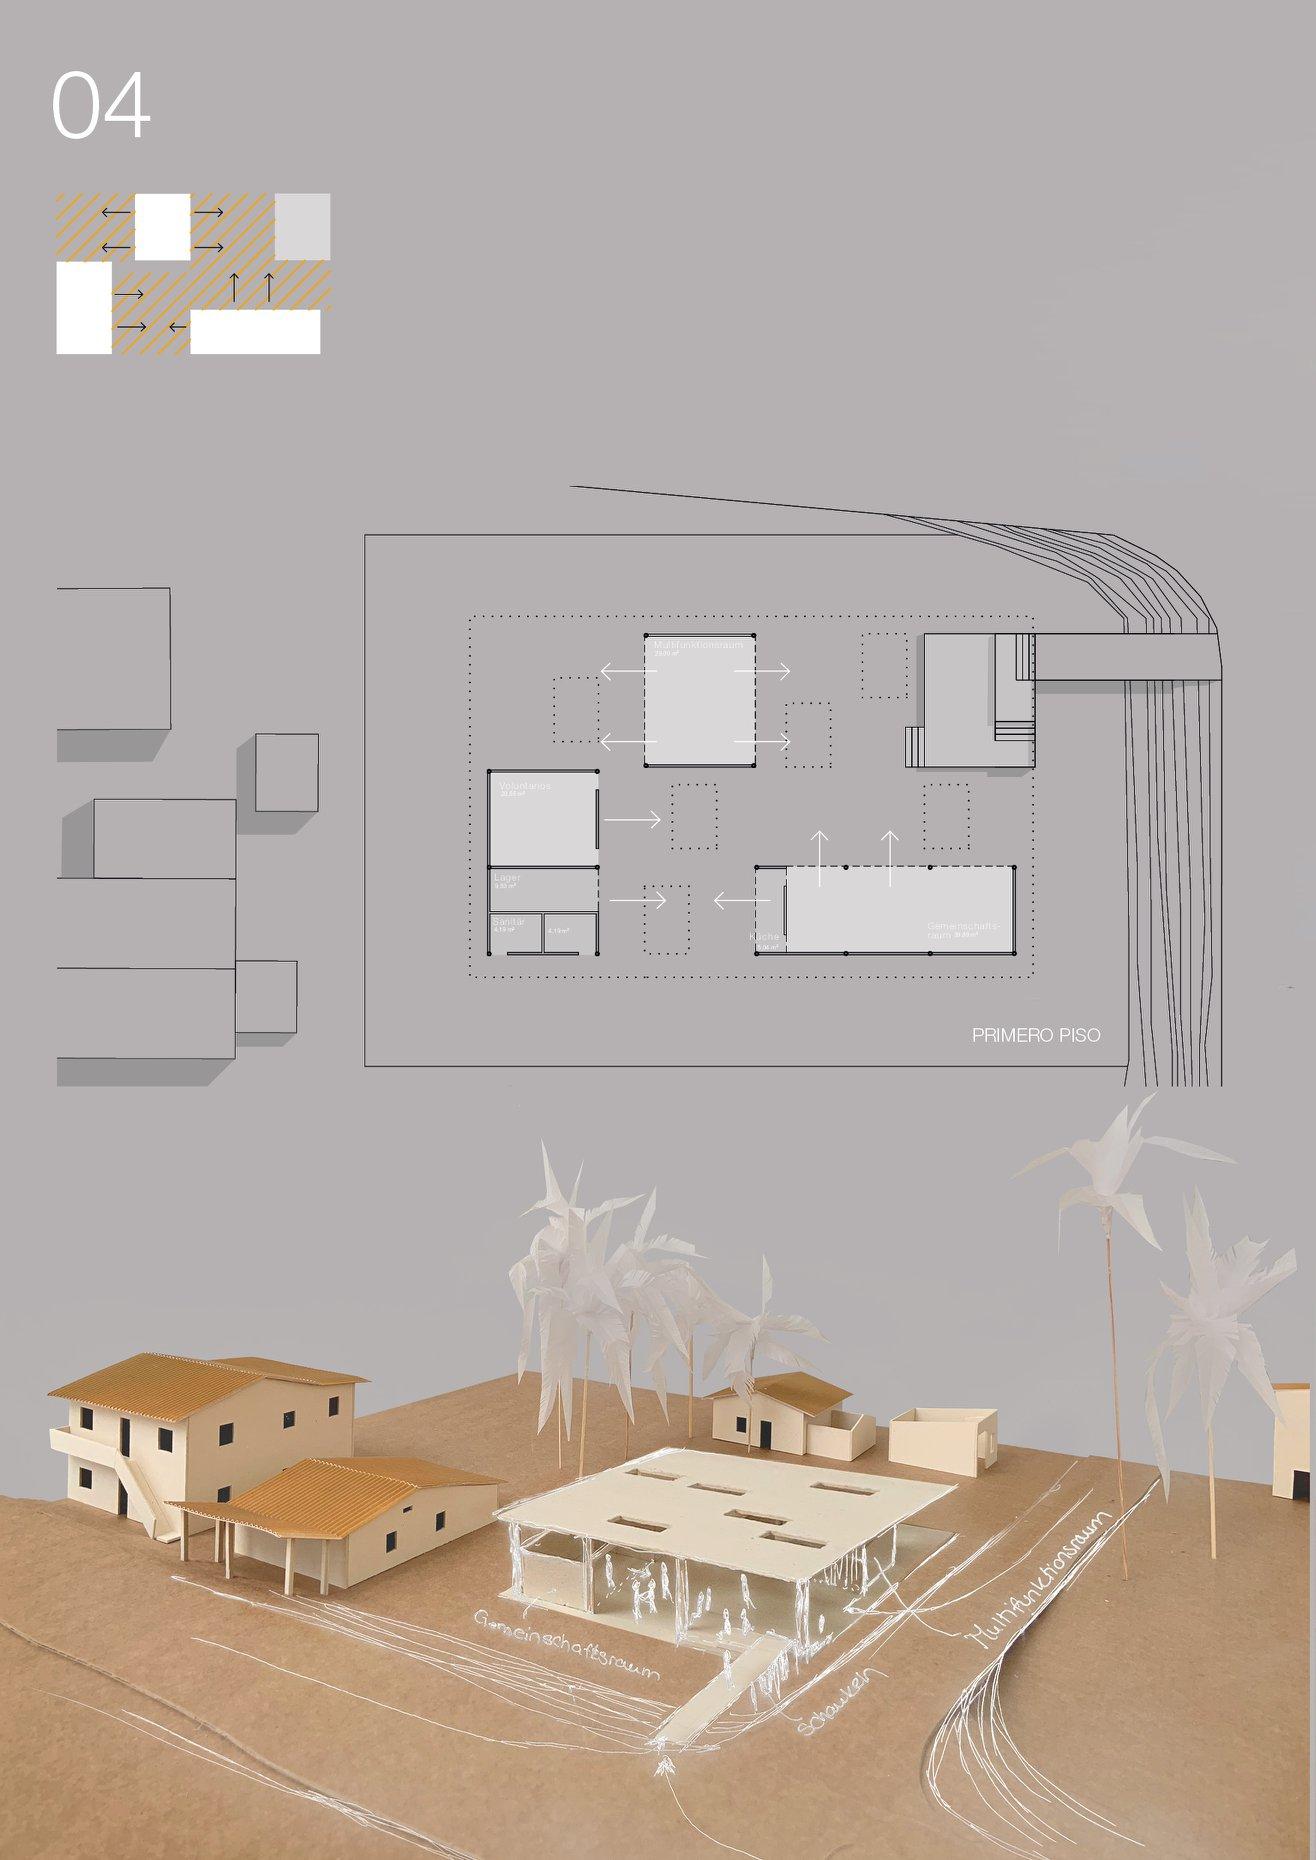 Entwurf 4